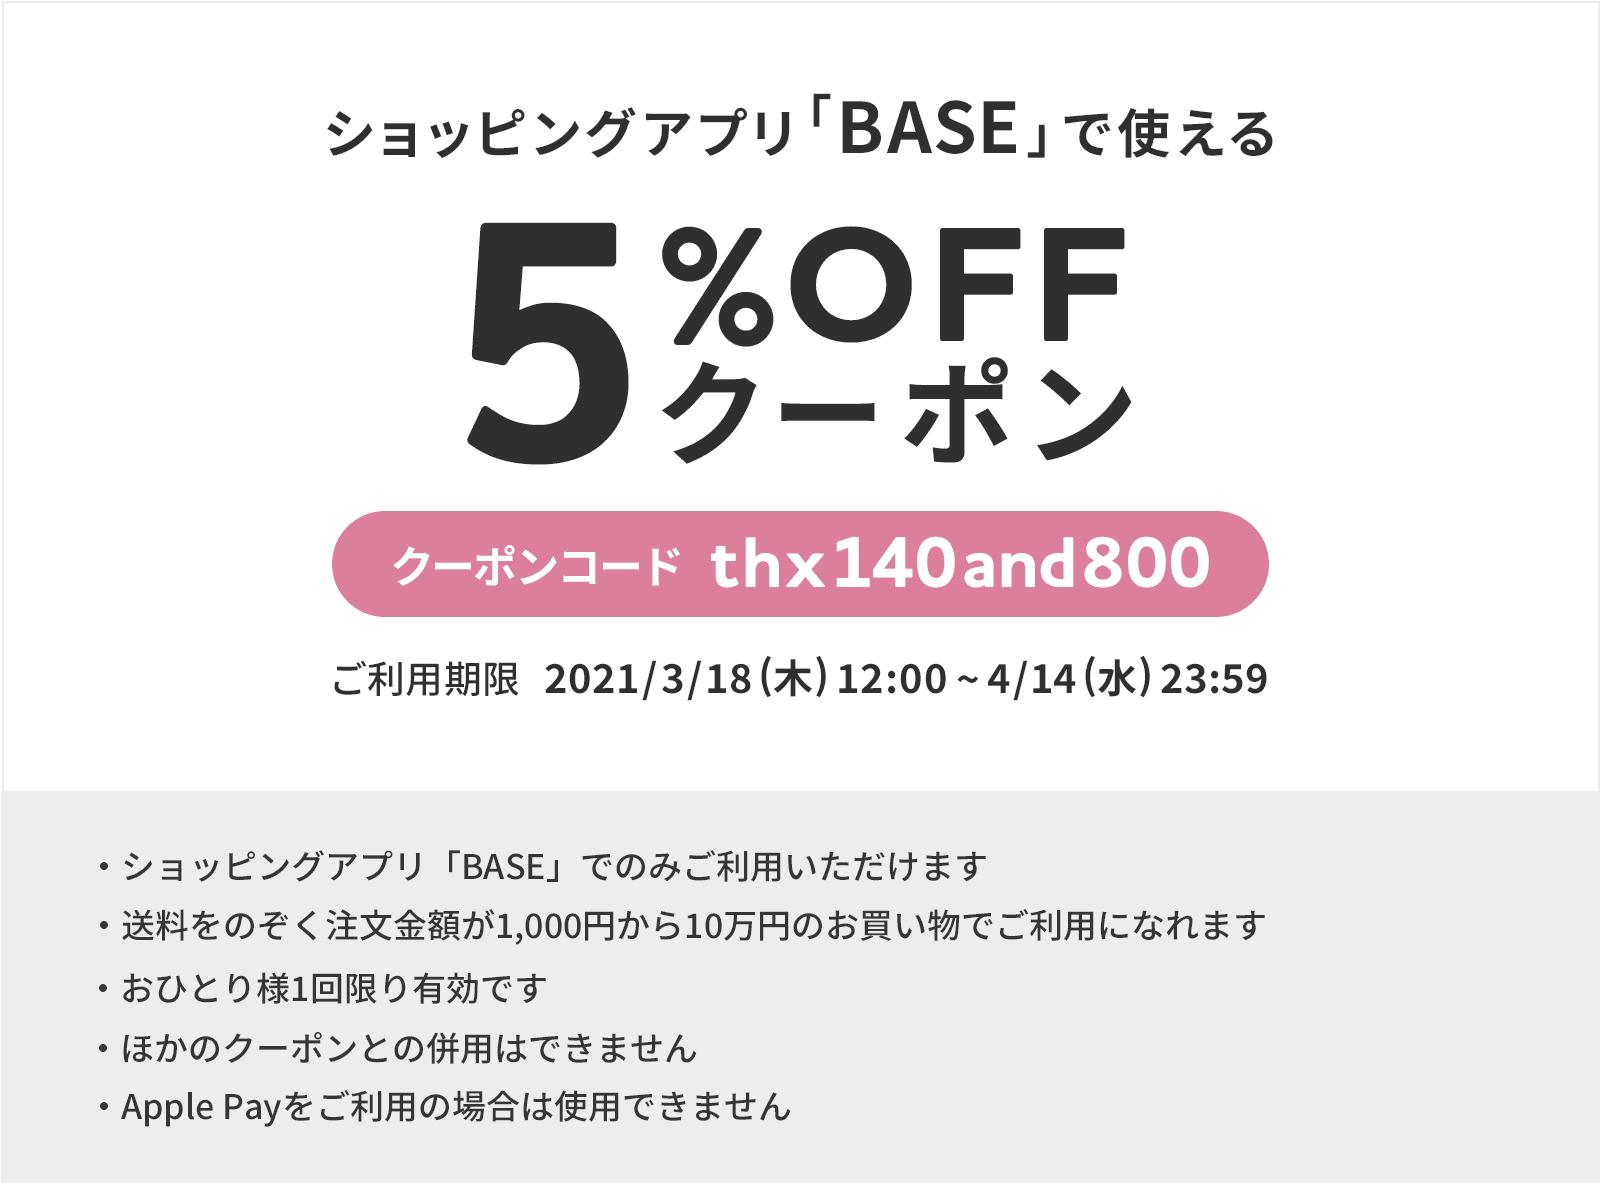 【3/18~4/14 期間限定!】ショッピングアプリ「BASE」使用の場合のみクーポン使えます。